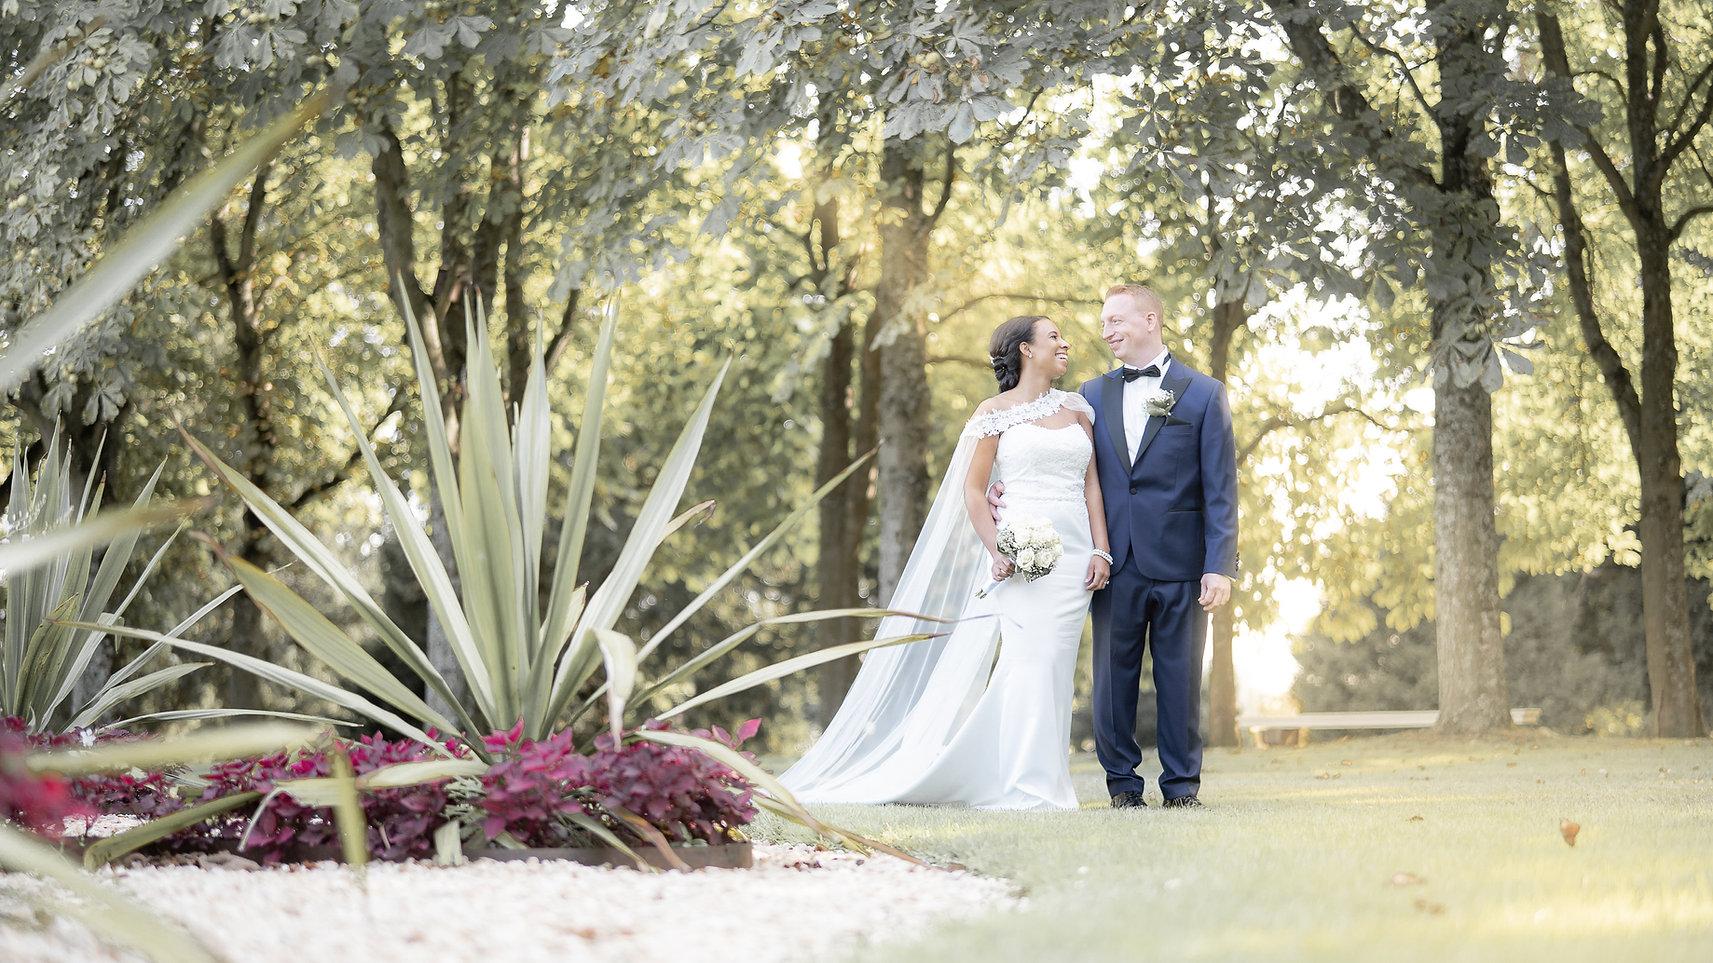 Hochzeit_groß_web-2.jpg